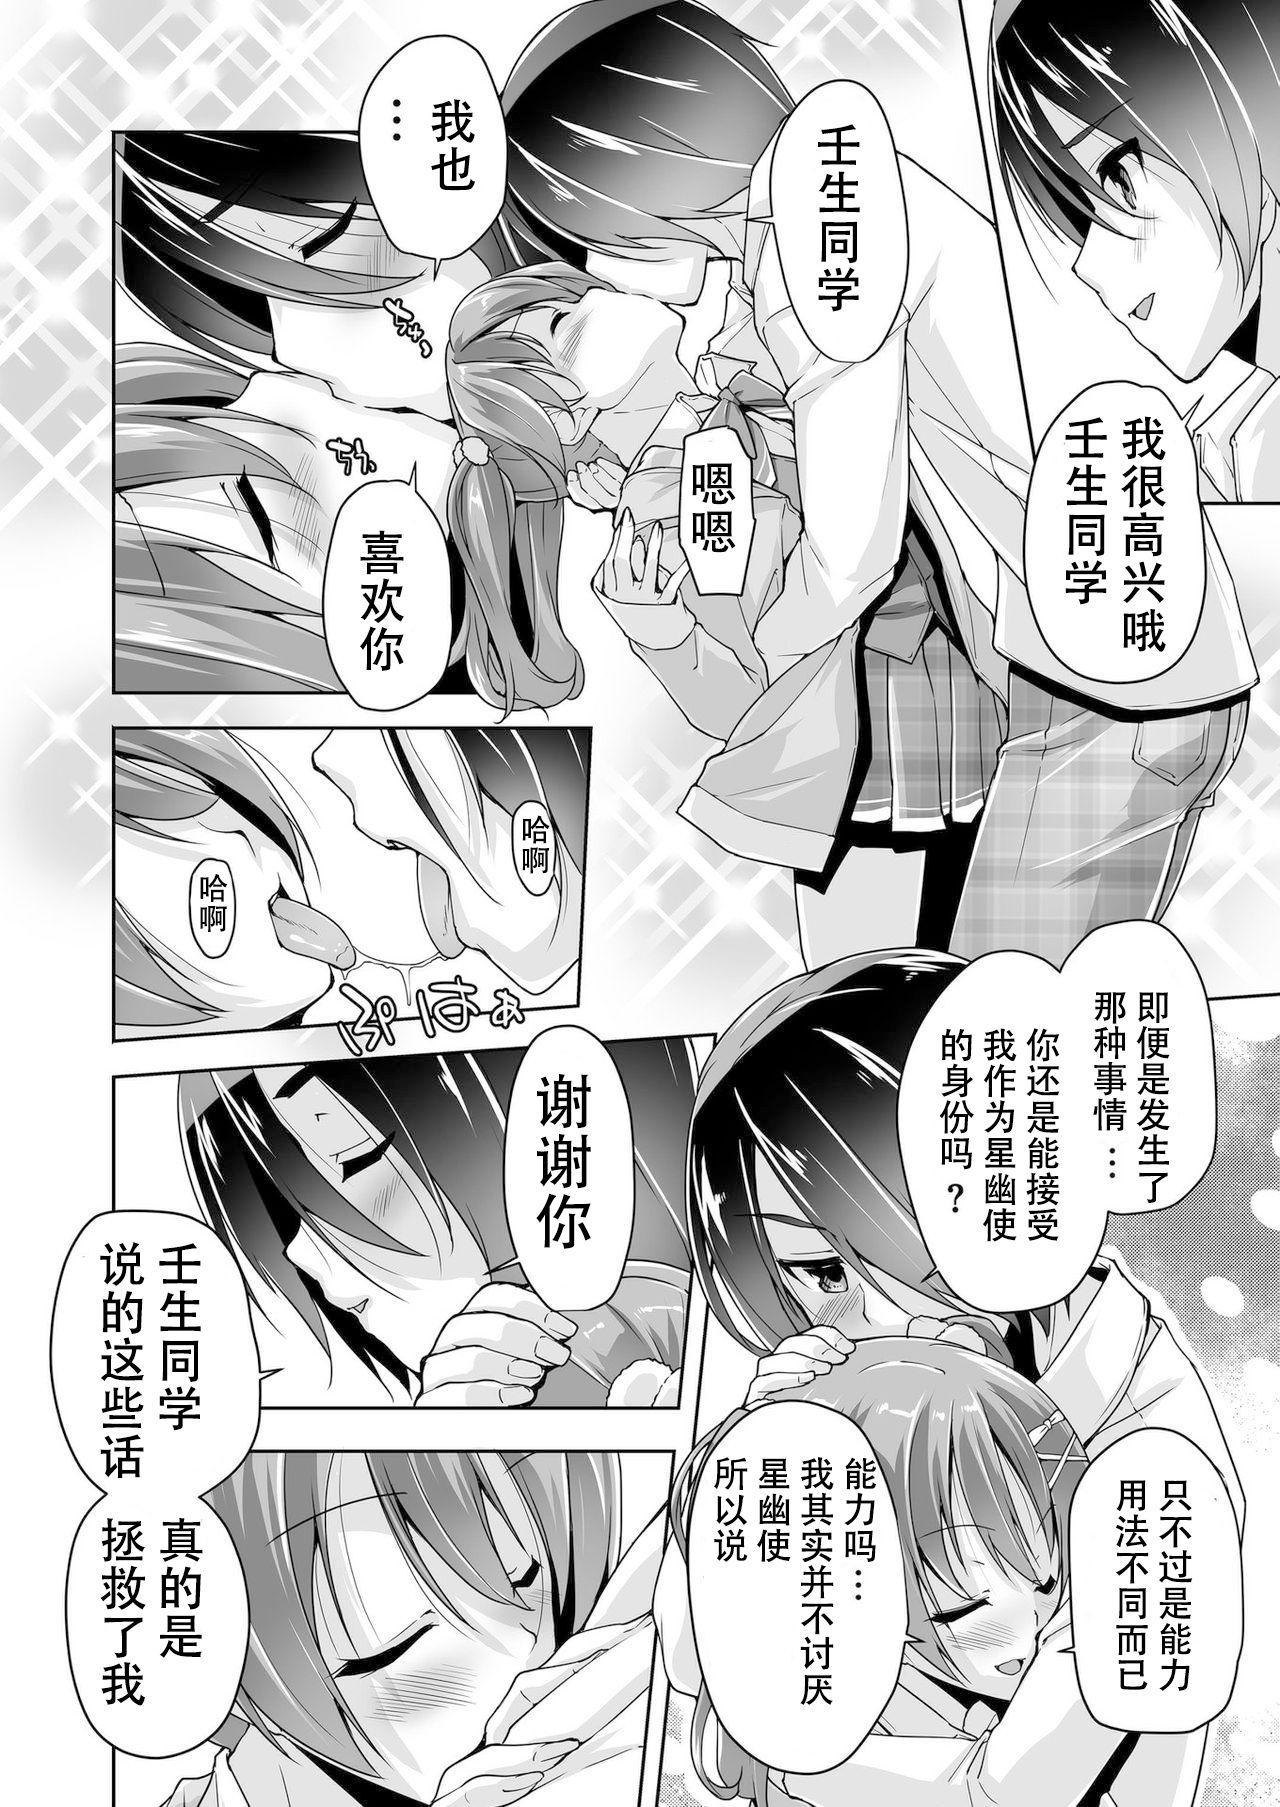 Chisaki to chikan play de hatsu H! ? 9